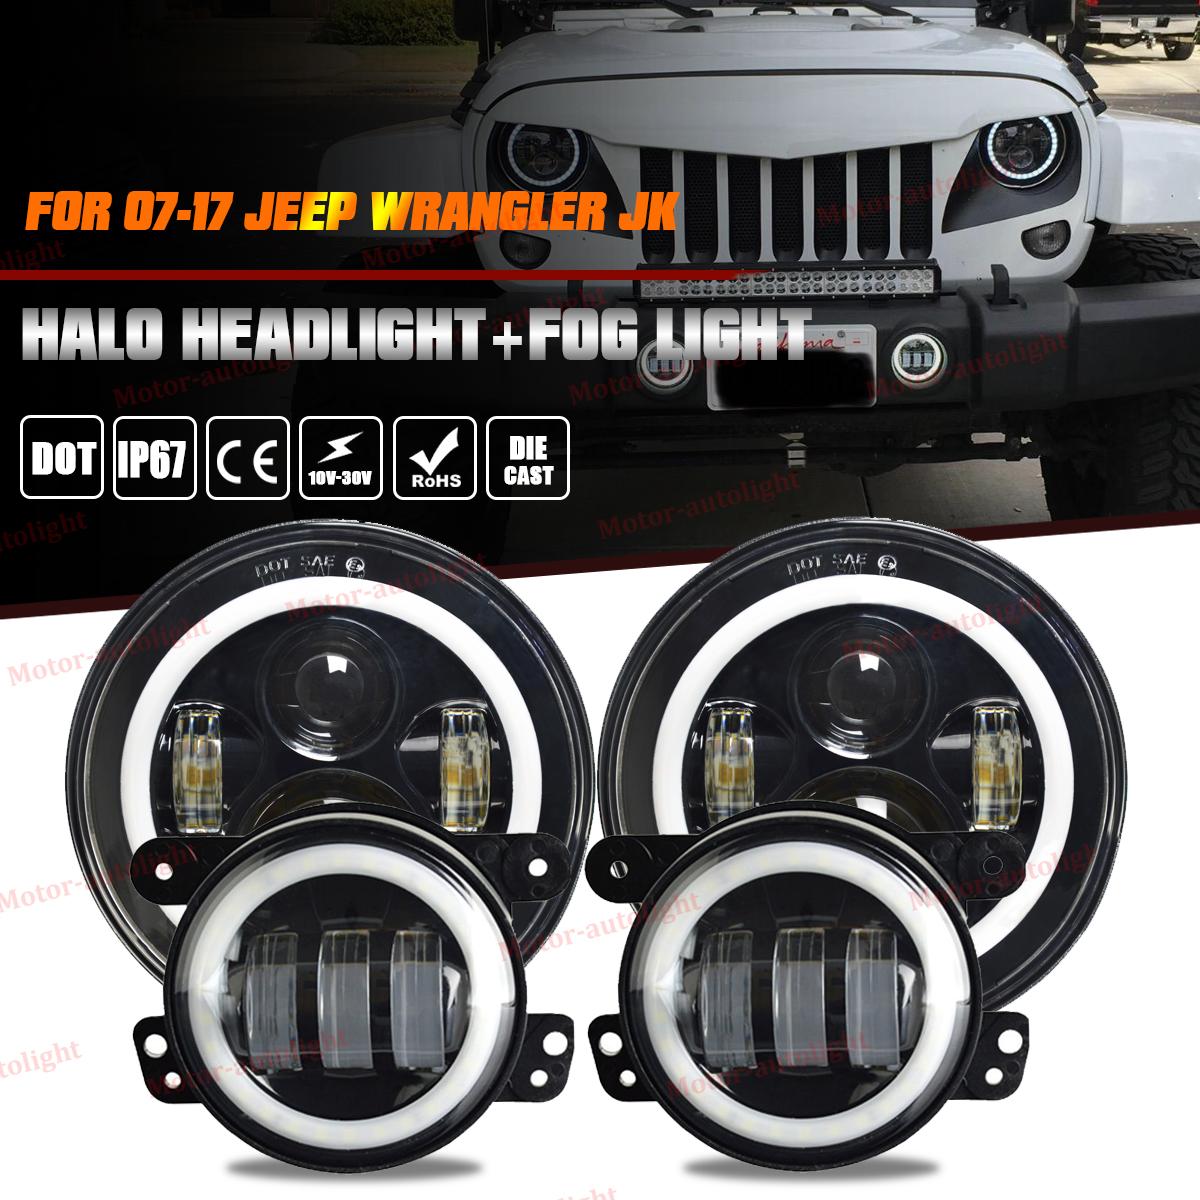 For Jeep Wrangler Jk 7 Led Halo Headlight Fog Lights Combo Kit 07 Light Bulbs 17 Bulb